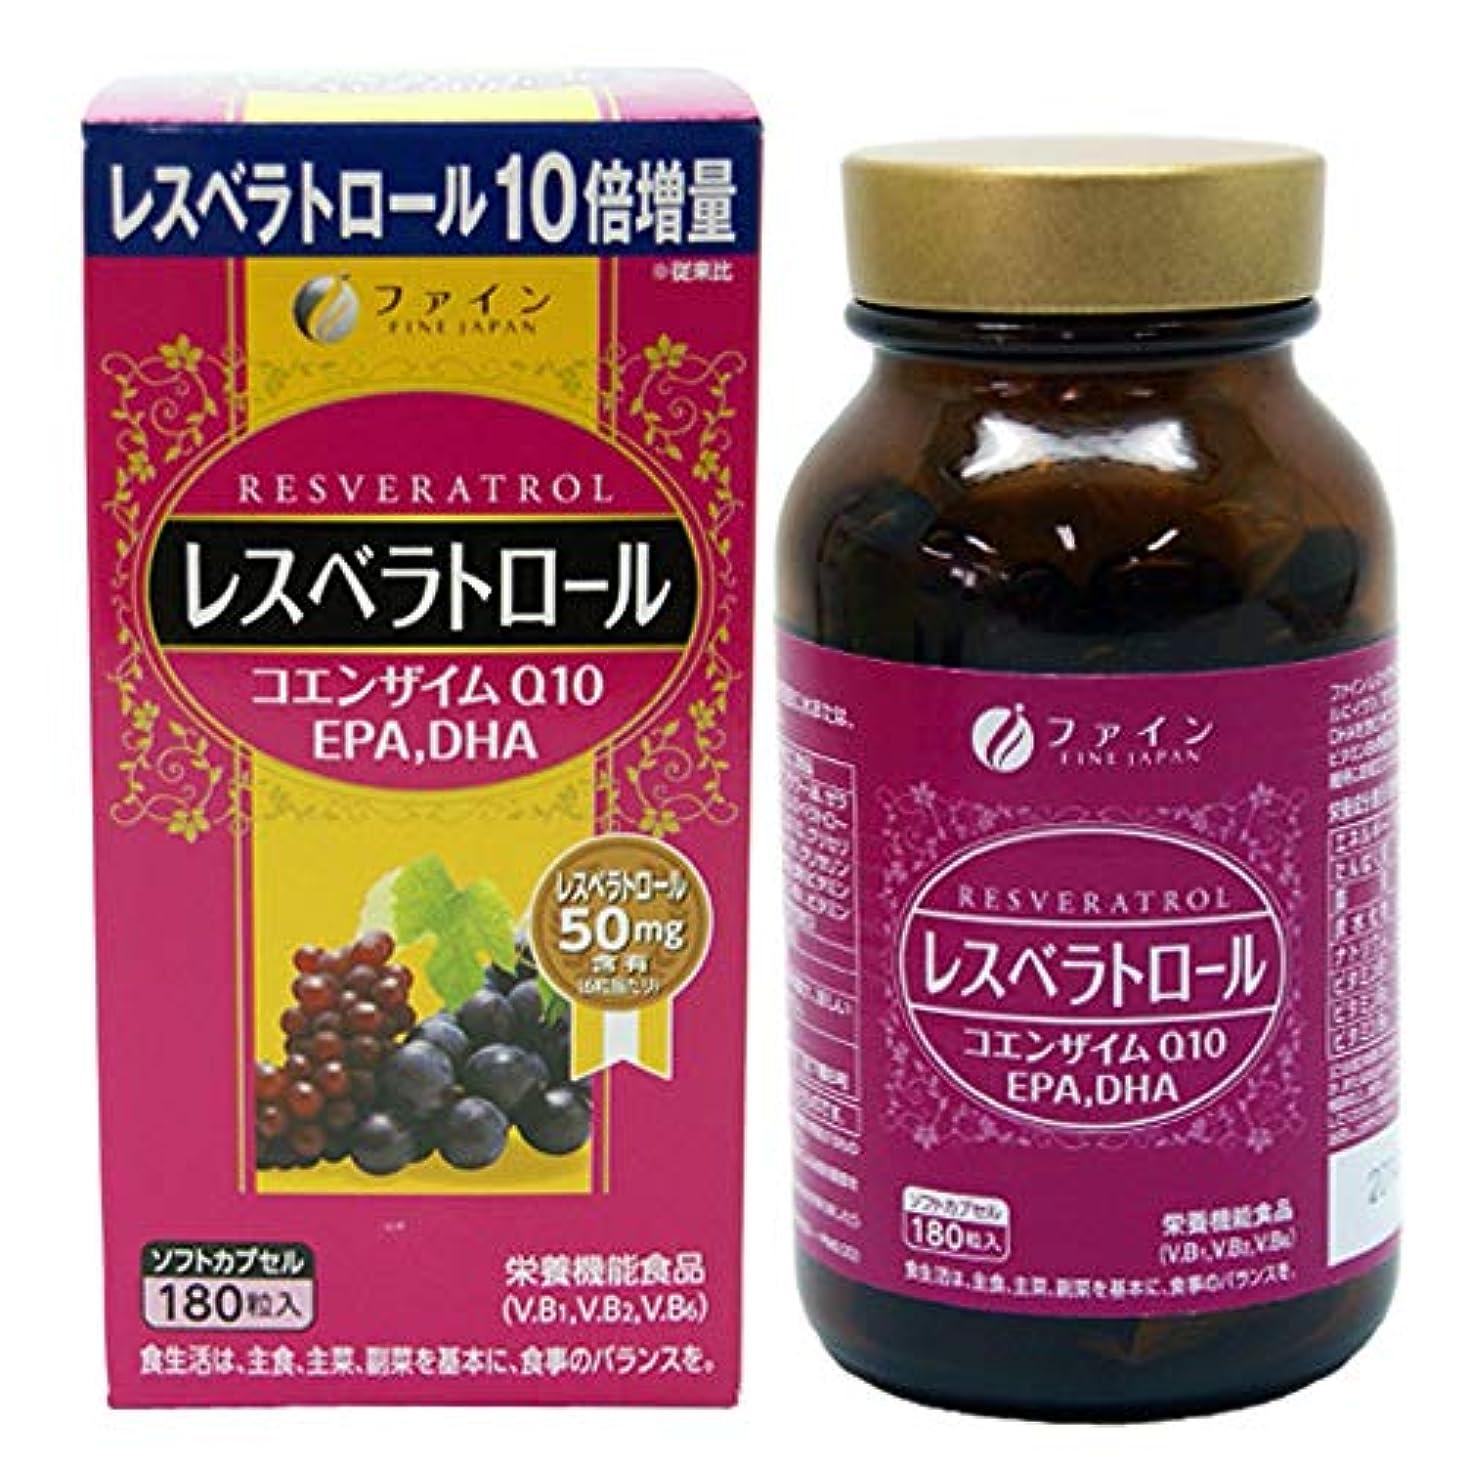 旅行苗あえぎファイン レスベラトロール 30日分(180粒入) EPA DHA コエンザイムQ10 ビタミンB1 配合